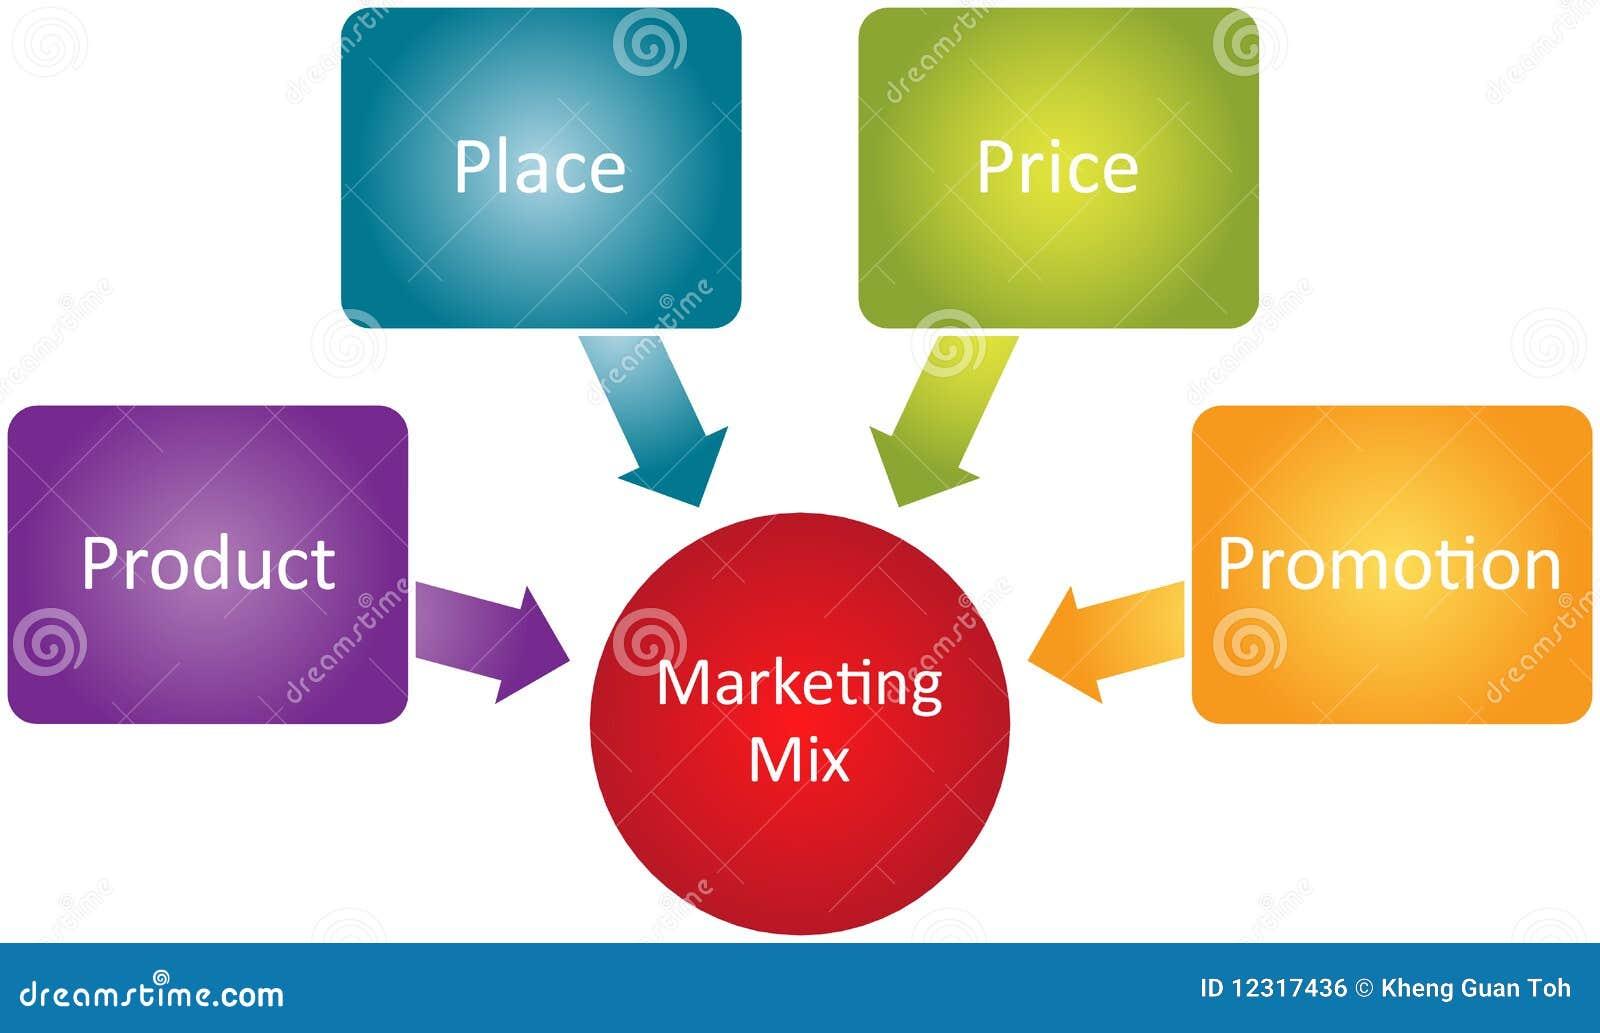 marketing mix diagram stock images   image    marketing mix business diagram royalty free stock image